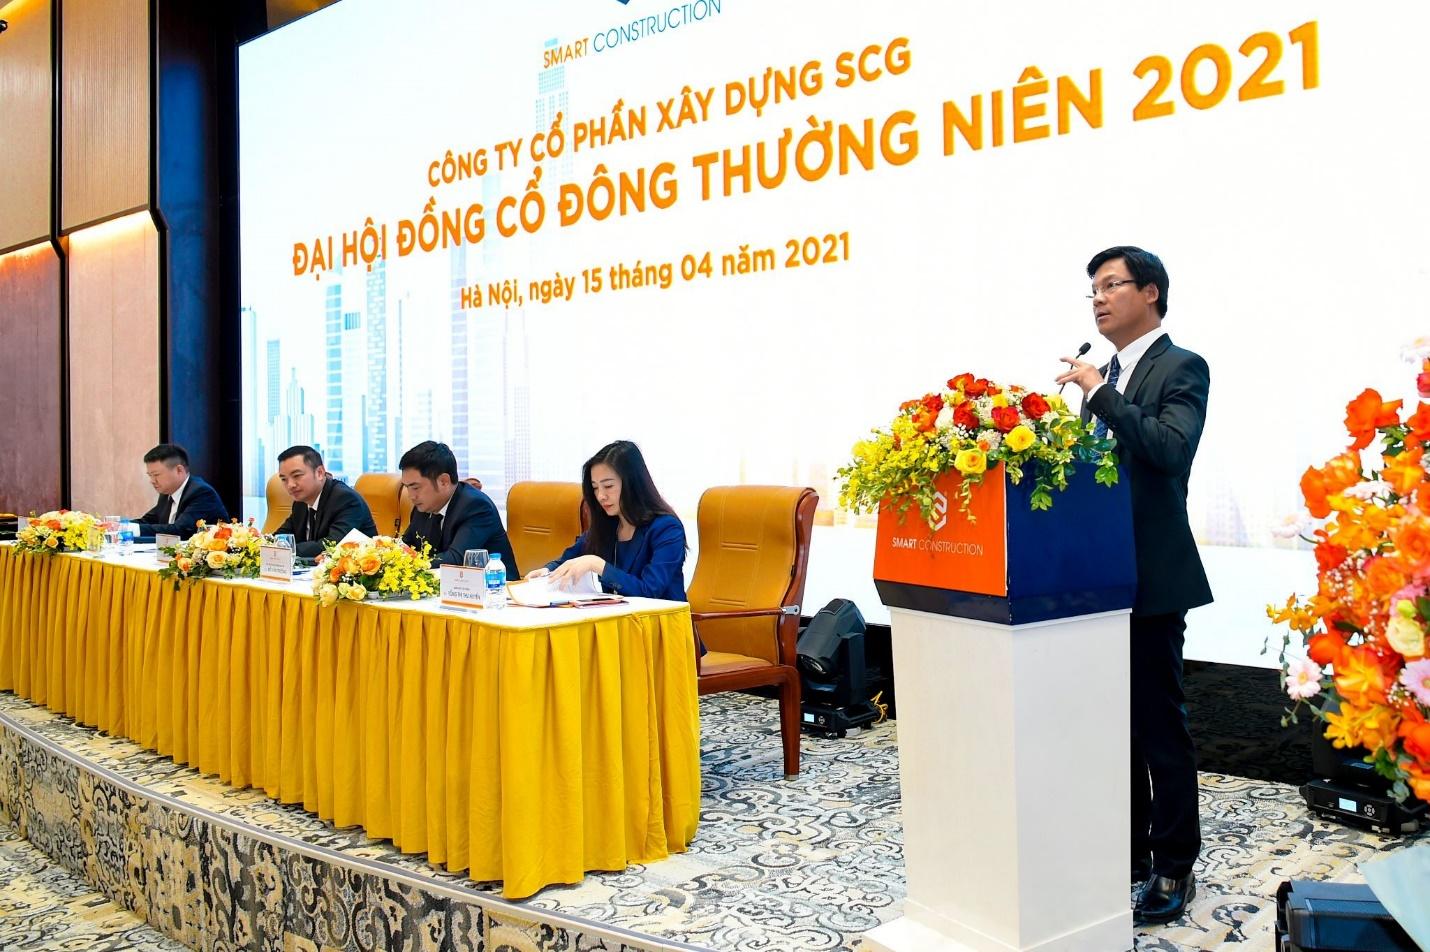 'Tân binh' SCG đặt mục tiêu doanh thu tăng trưởng 2,5 lần, sẽ tăng vốn lên 850 tỷ đồng trong năm nay - Ảnh 2.